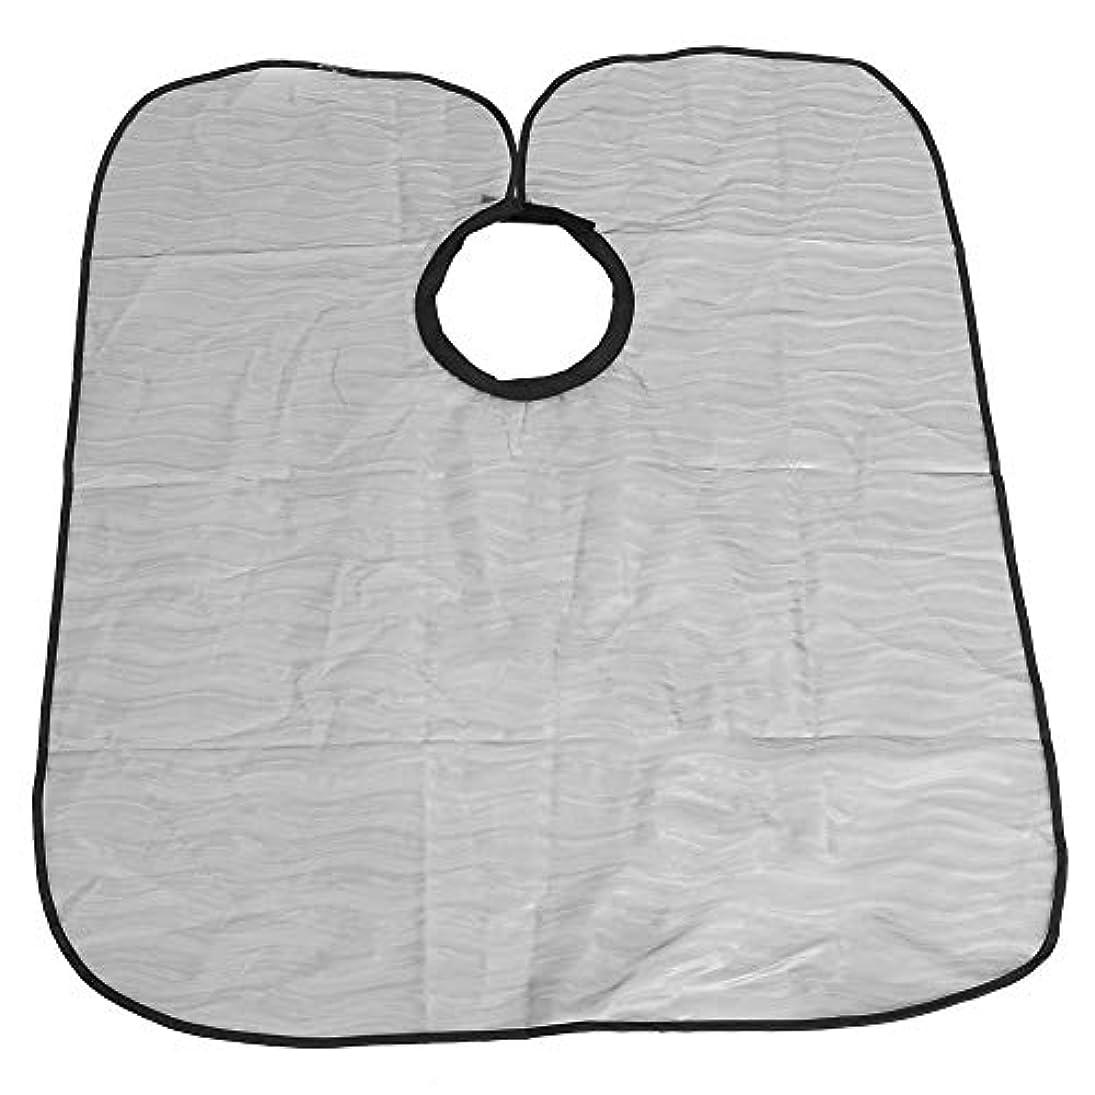 麻痺ロータリー名前で理髪布、防水サロンヘアカットケープ理髪布ヘアスタイリストガウン理容岬(# 1)